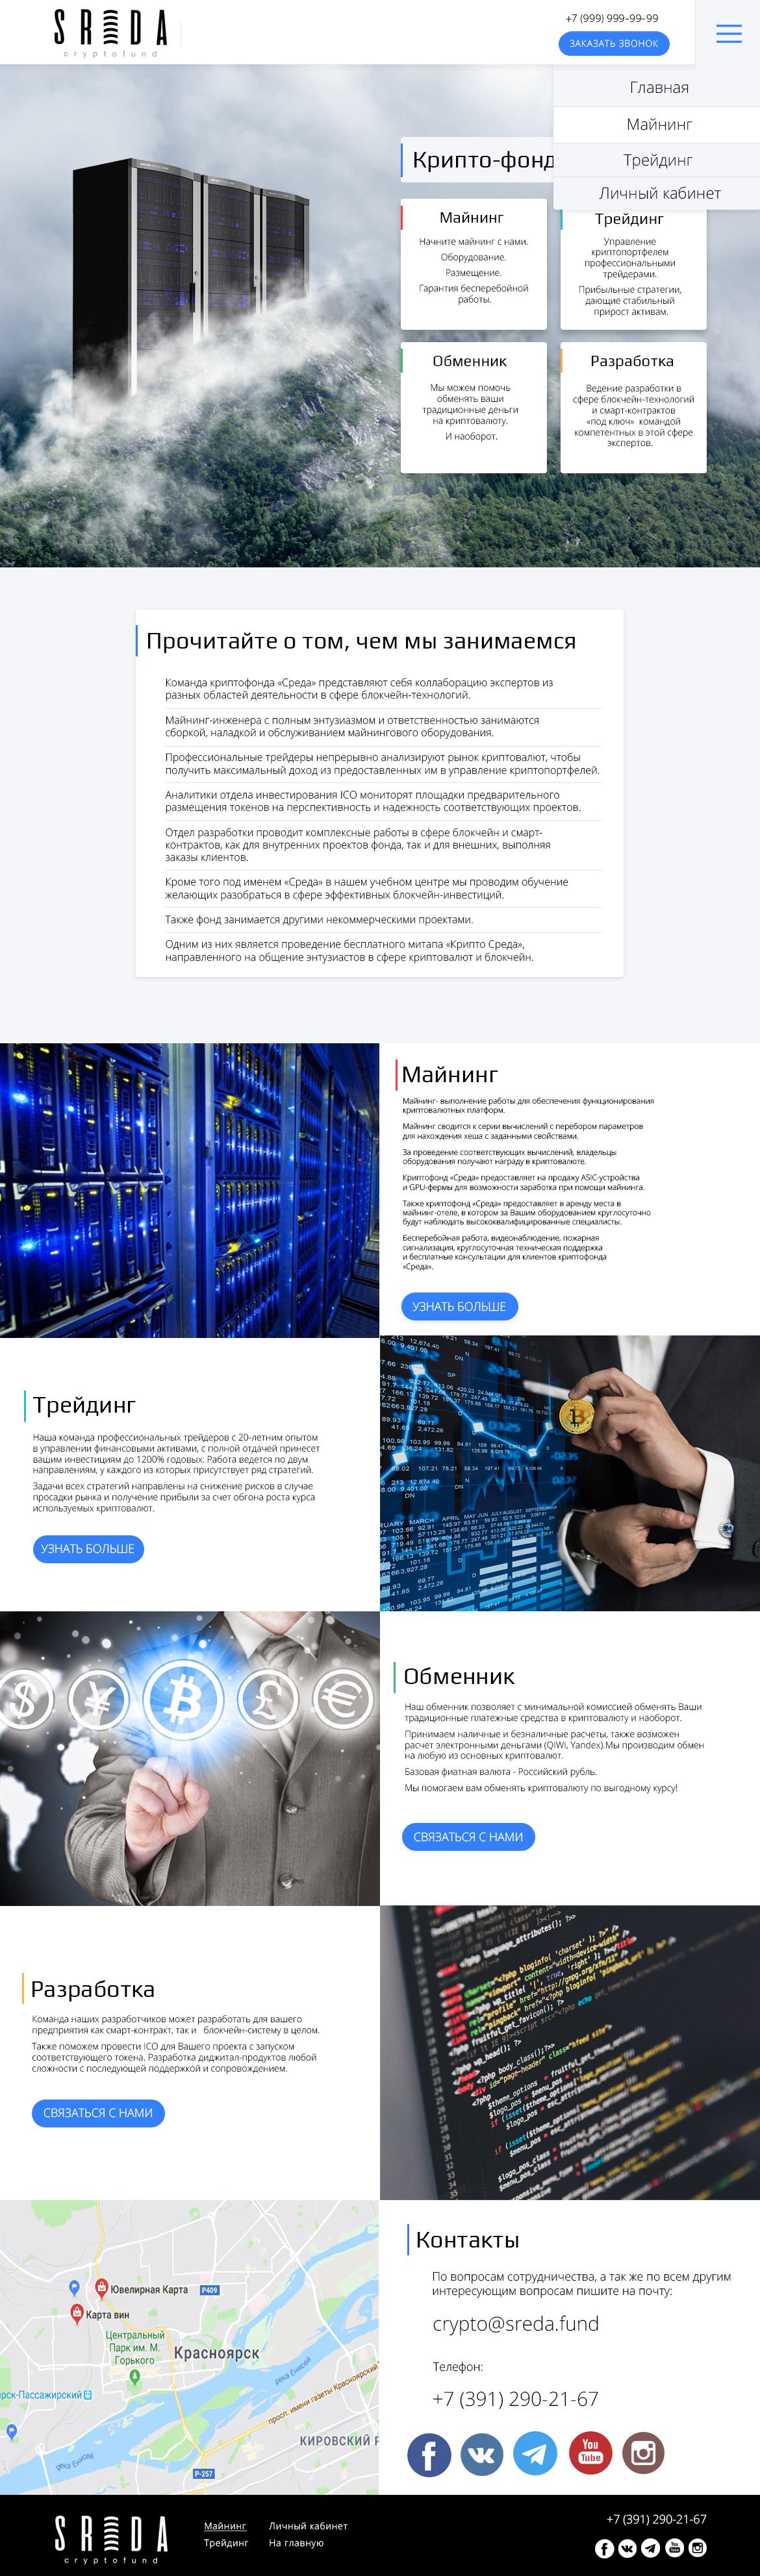 """Многостраничный сайт """"Крипто-фонд «Среда"""" (3 страницы)"""